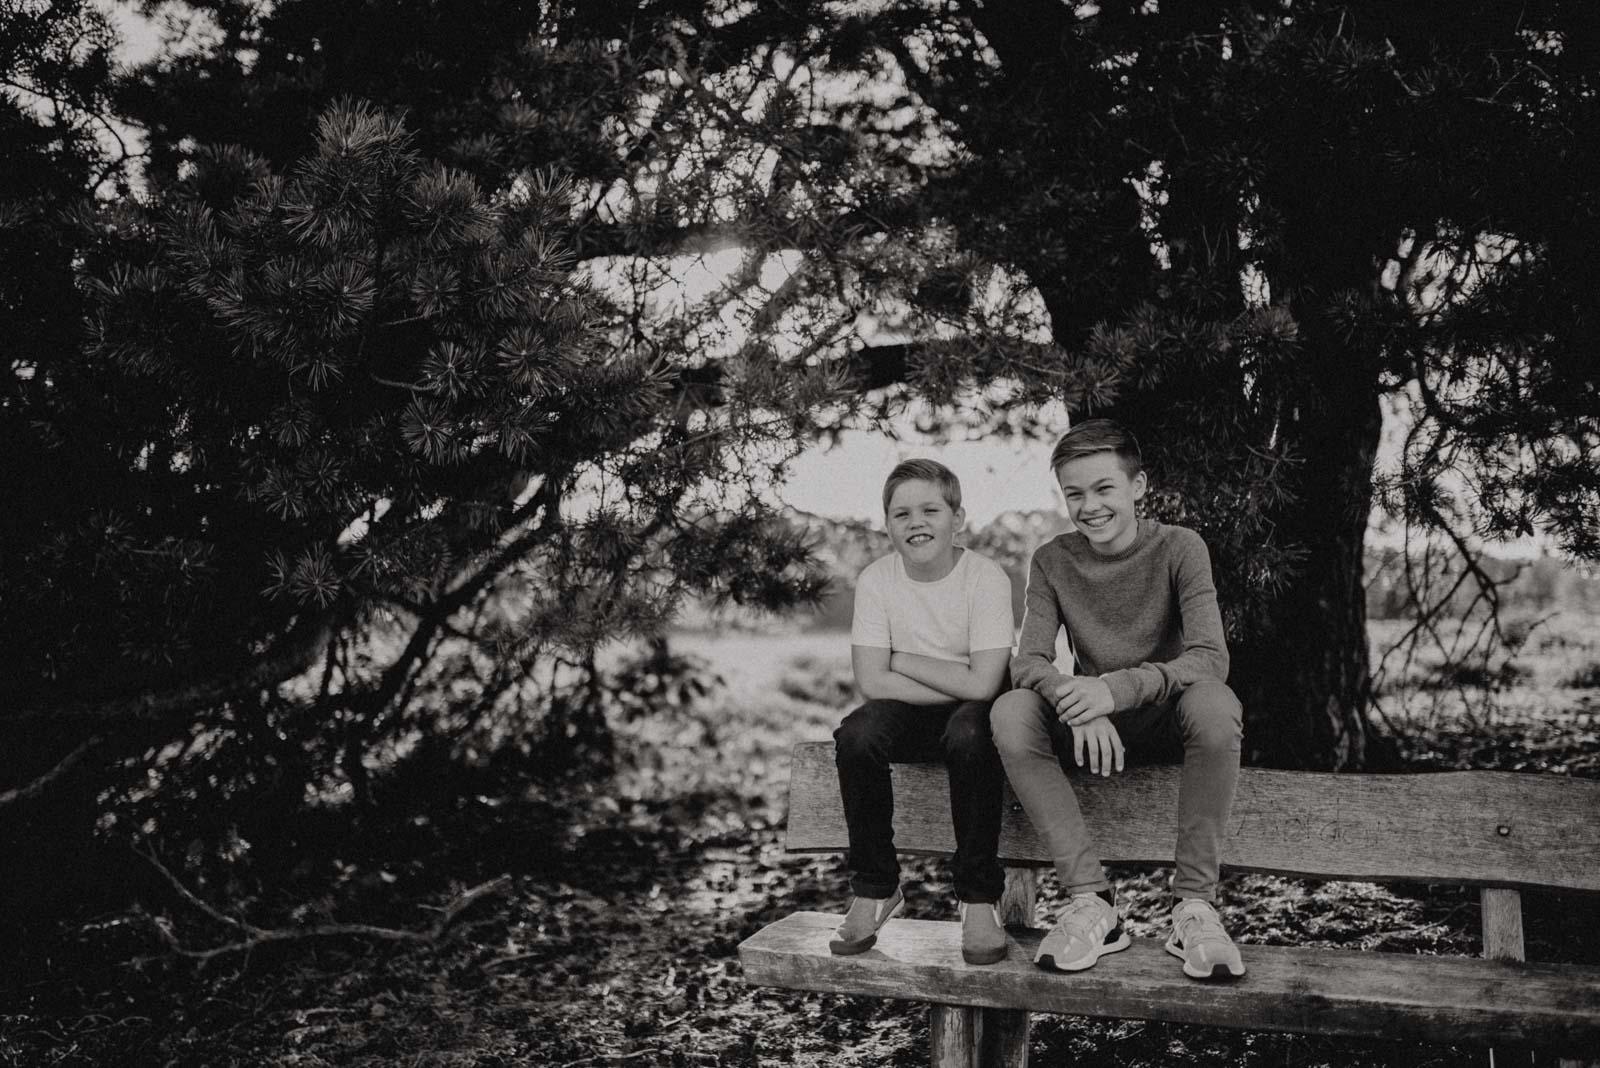 009-Familienfotos-Familienreportage-Heideshooting-natürlich-Heide